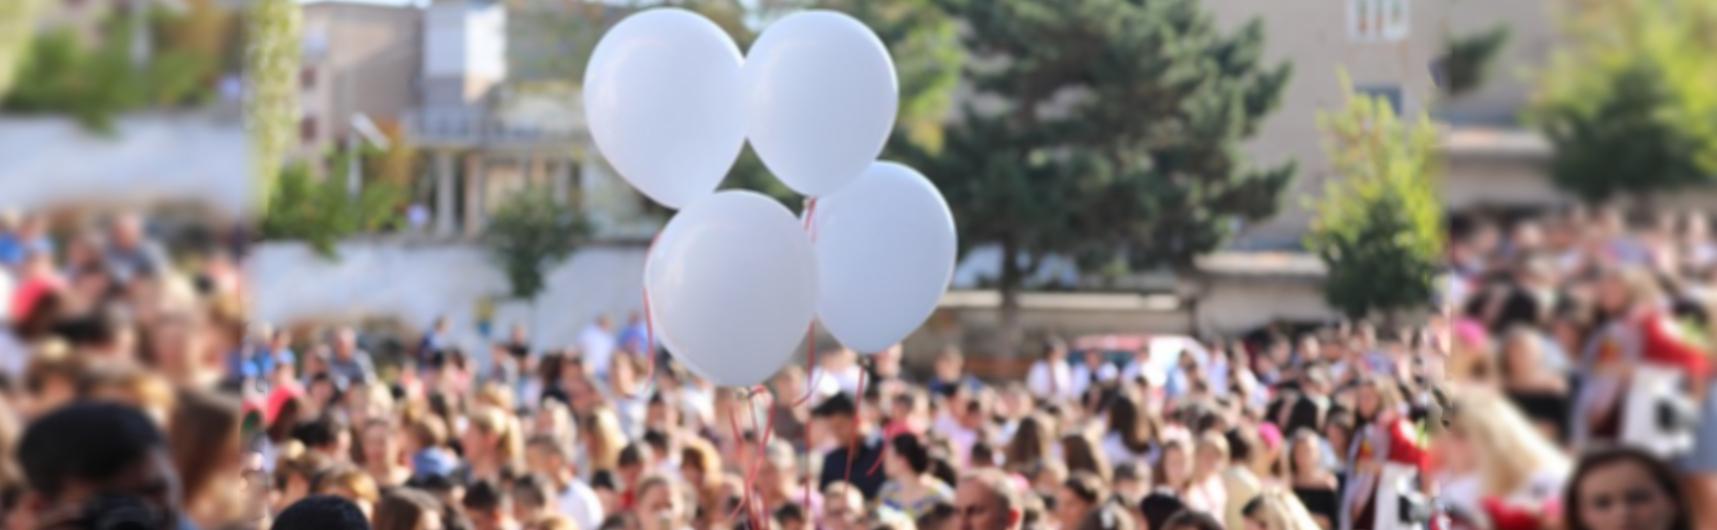 Bashkia Kukës uron të gjithë nxënësit , mesuesit dhe prindërit, një vit të mbarë shkollor, plot me rezultate te larta.